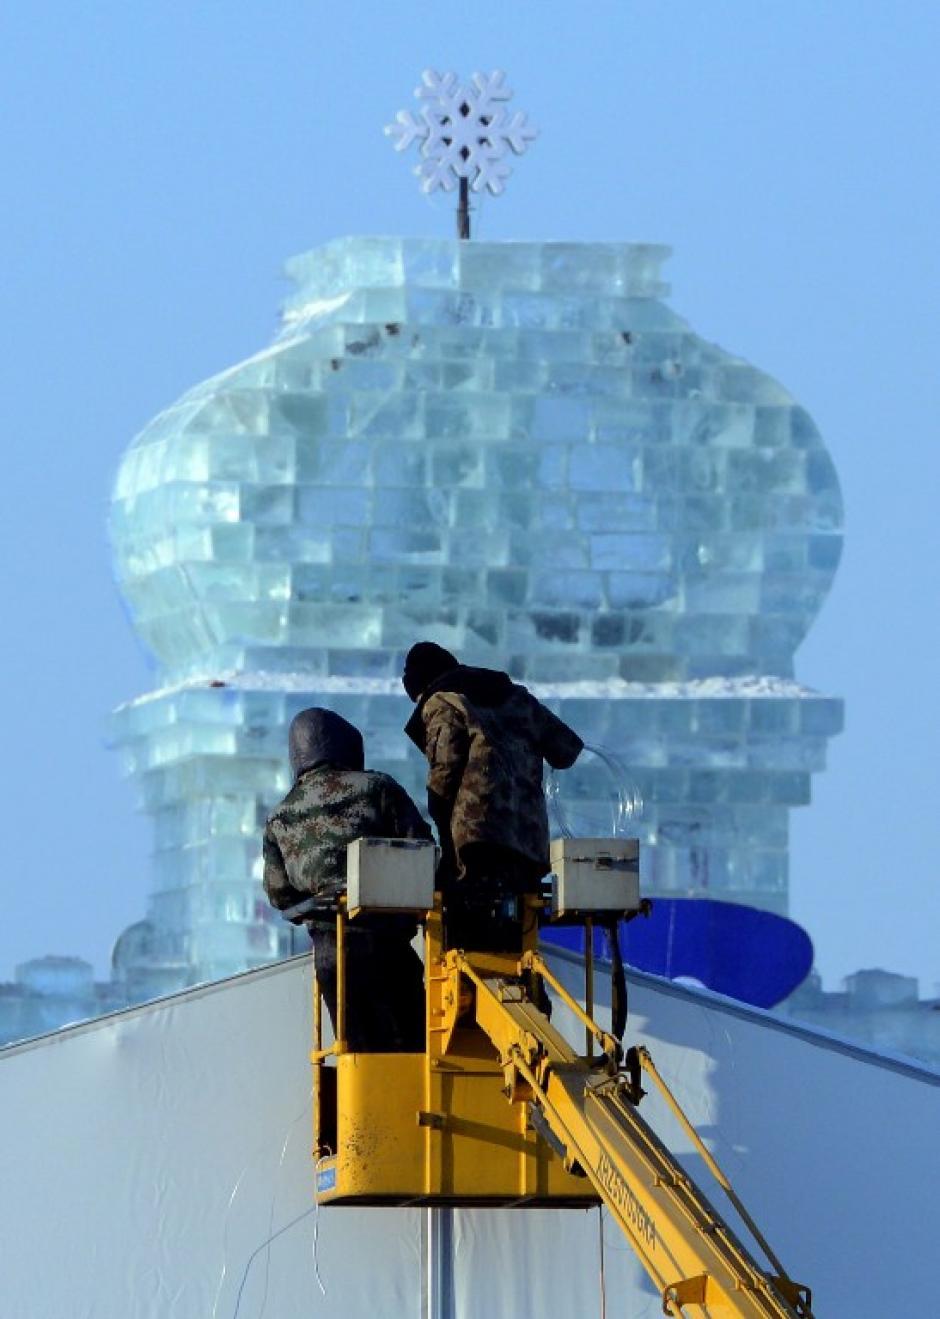 """Los trabajadores hacen preparativos de último minuto en el China Ice and Snow World, para la ceremonia de apertura del 15 º Festival Internacional de Hielo y Nieve de Harbin, provincia nororiental china de Heilongjiang el 4 de enero de 2014. """"Hielo y Nieve del Mundo"""" de este año se abre el 5 de enero, la voluntad cuenta el tema """"Ice Global y Snow Dream, Información Cartoon World"""". AFP PHOTO / GOH CHAI HIN"""